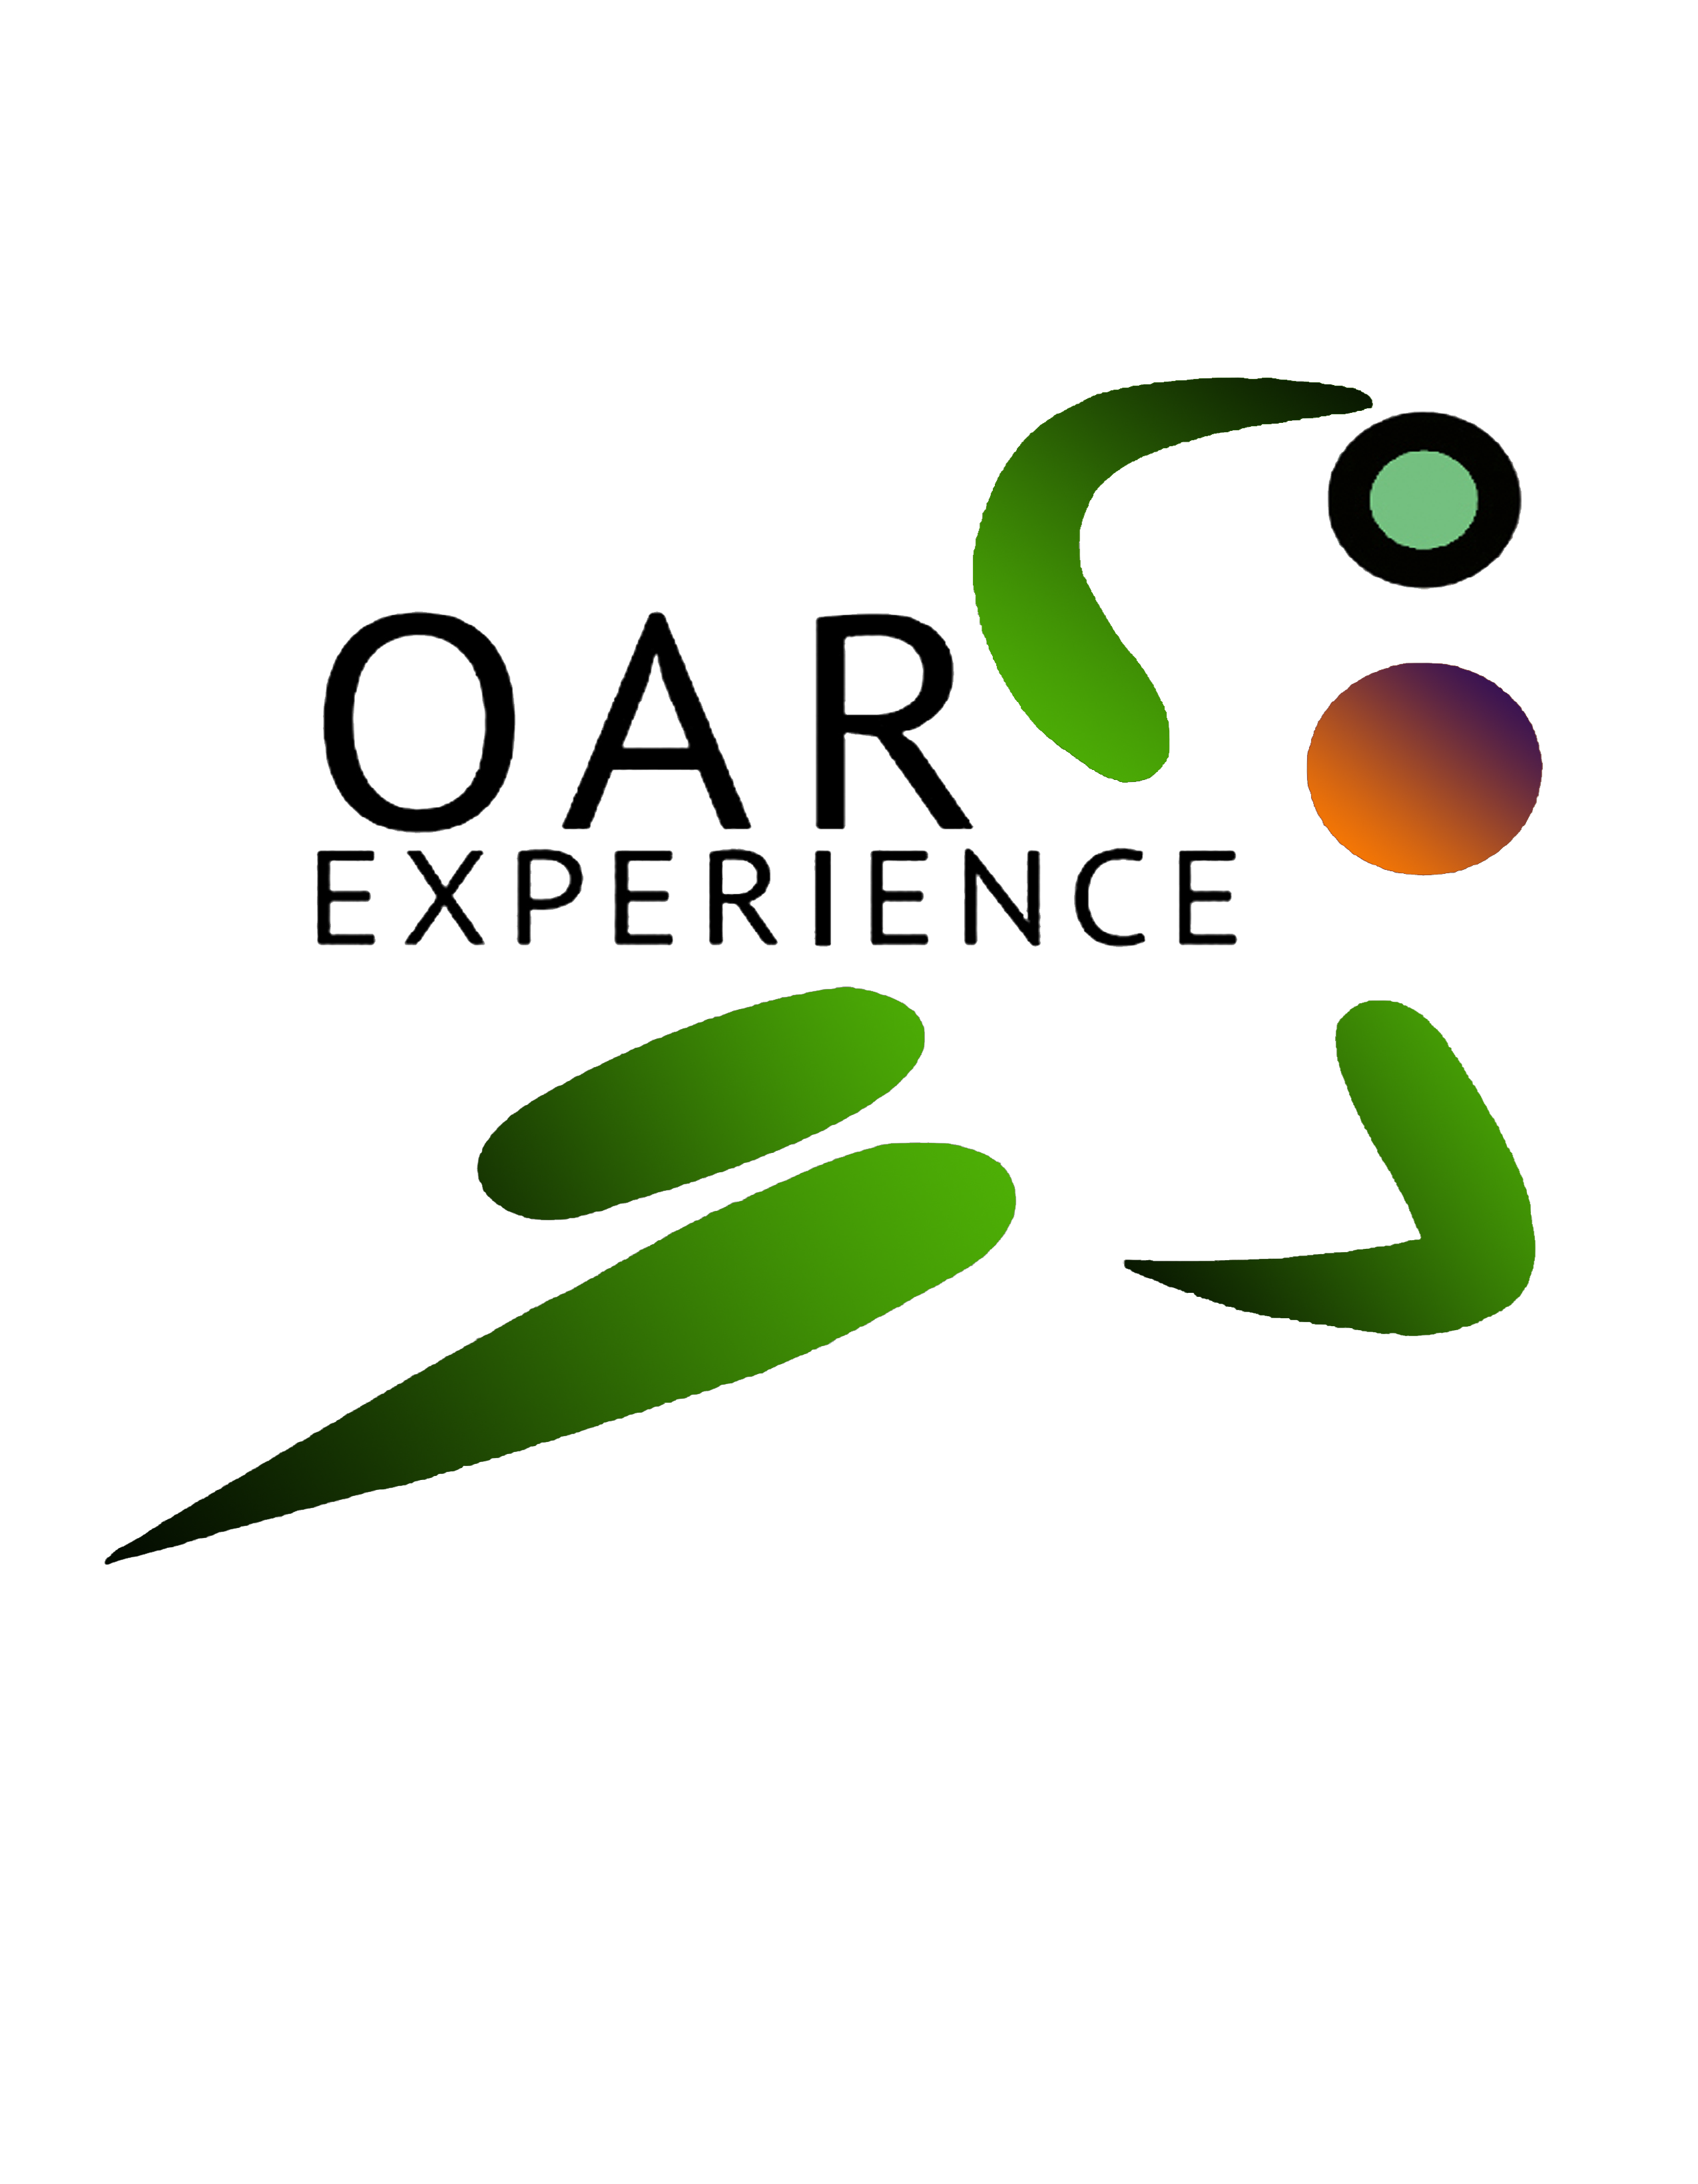 oar experience